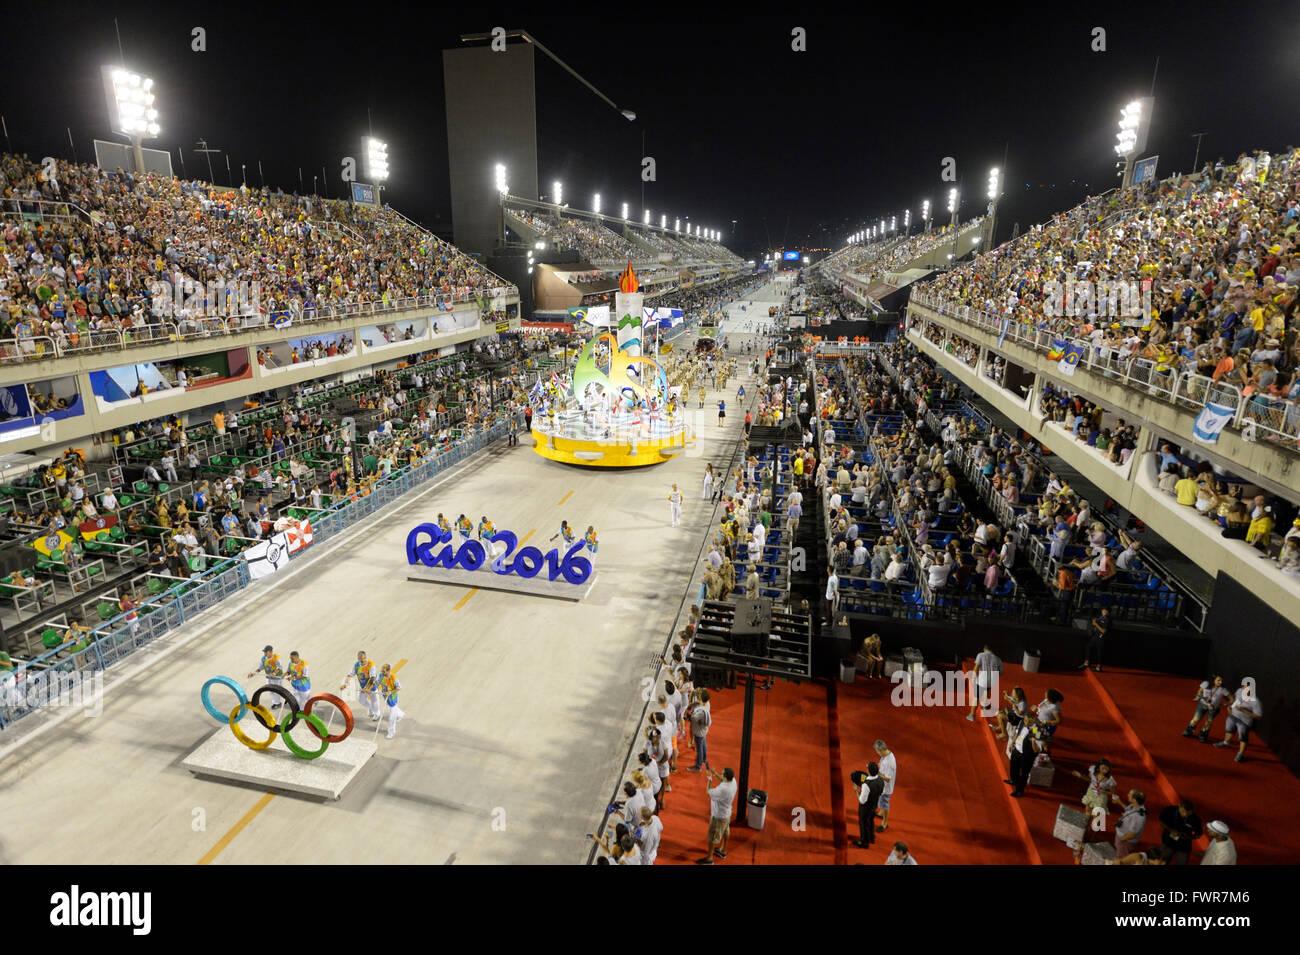 Publicidad para los Juegos Olímpicos de Verano de 2016, el carnaval de 2016 en el Sambódromo de Rio de Janeiro, Brasil Foto de stock